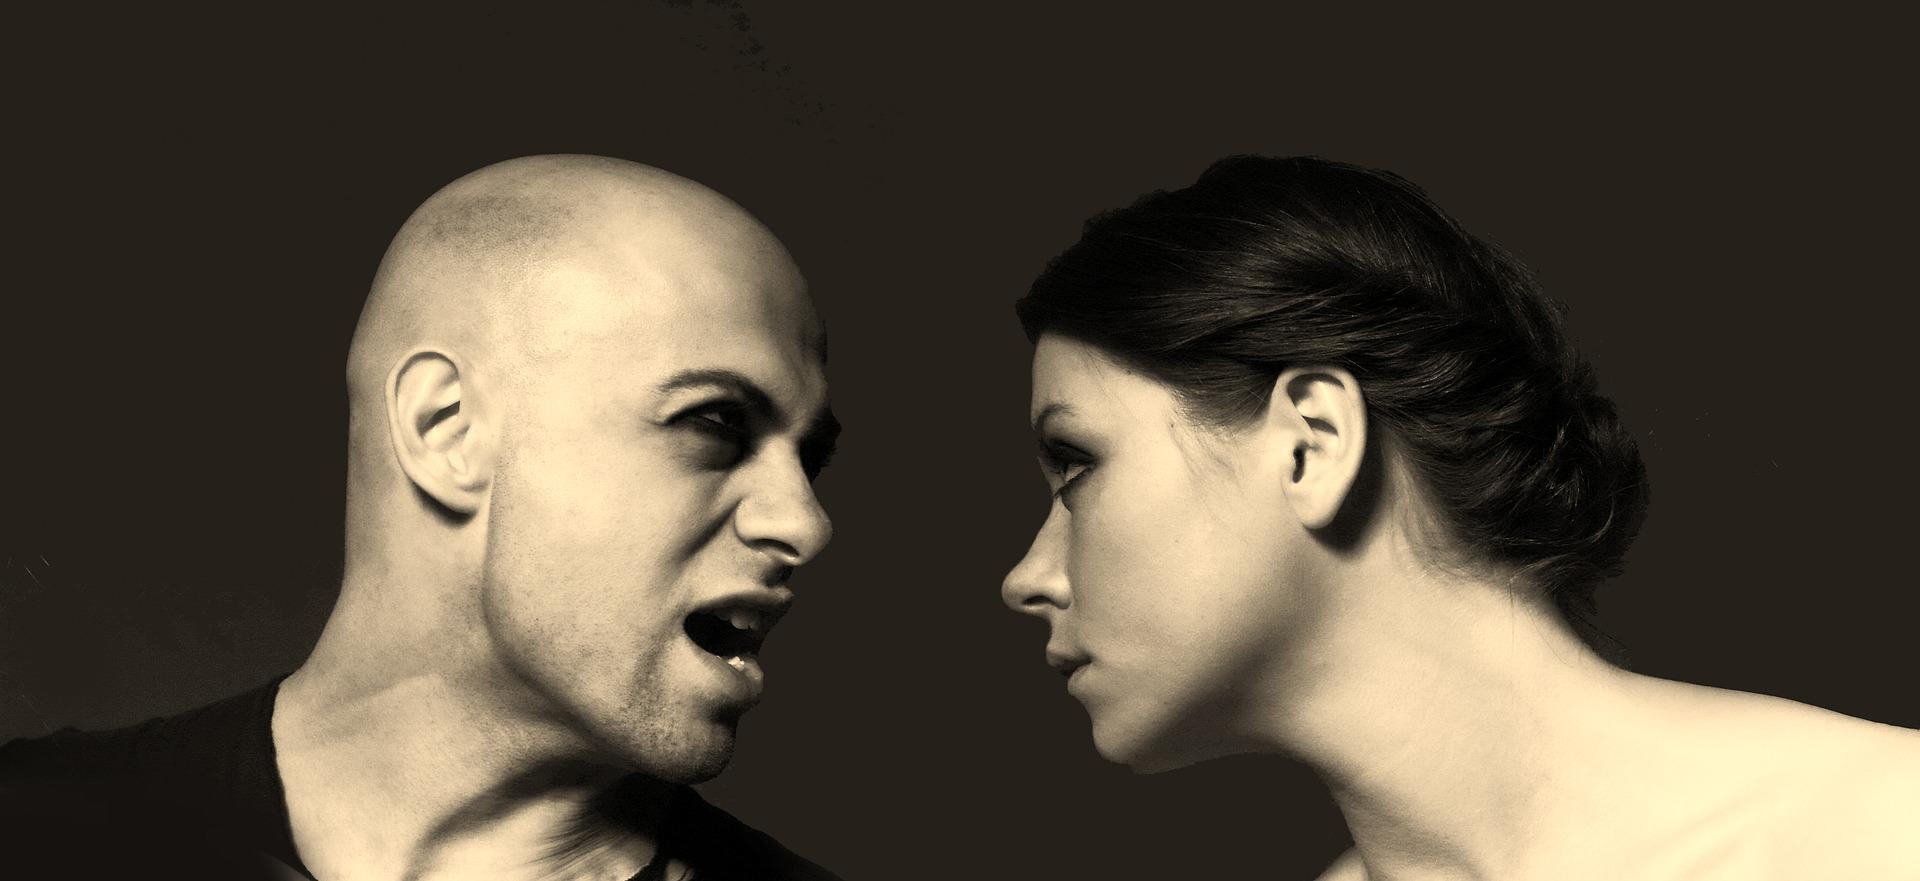 конфликтные отношения